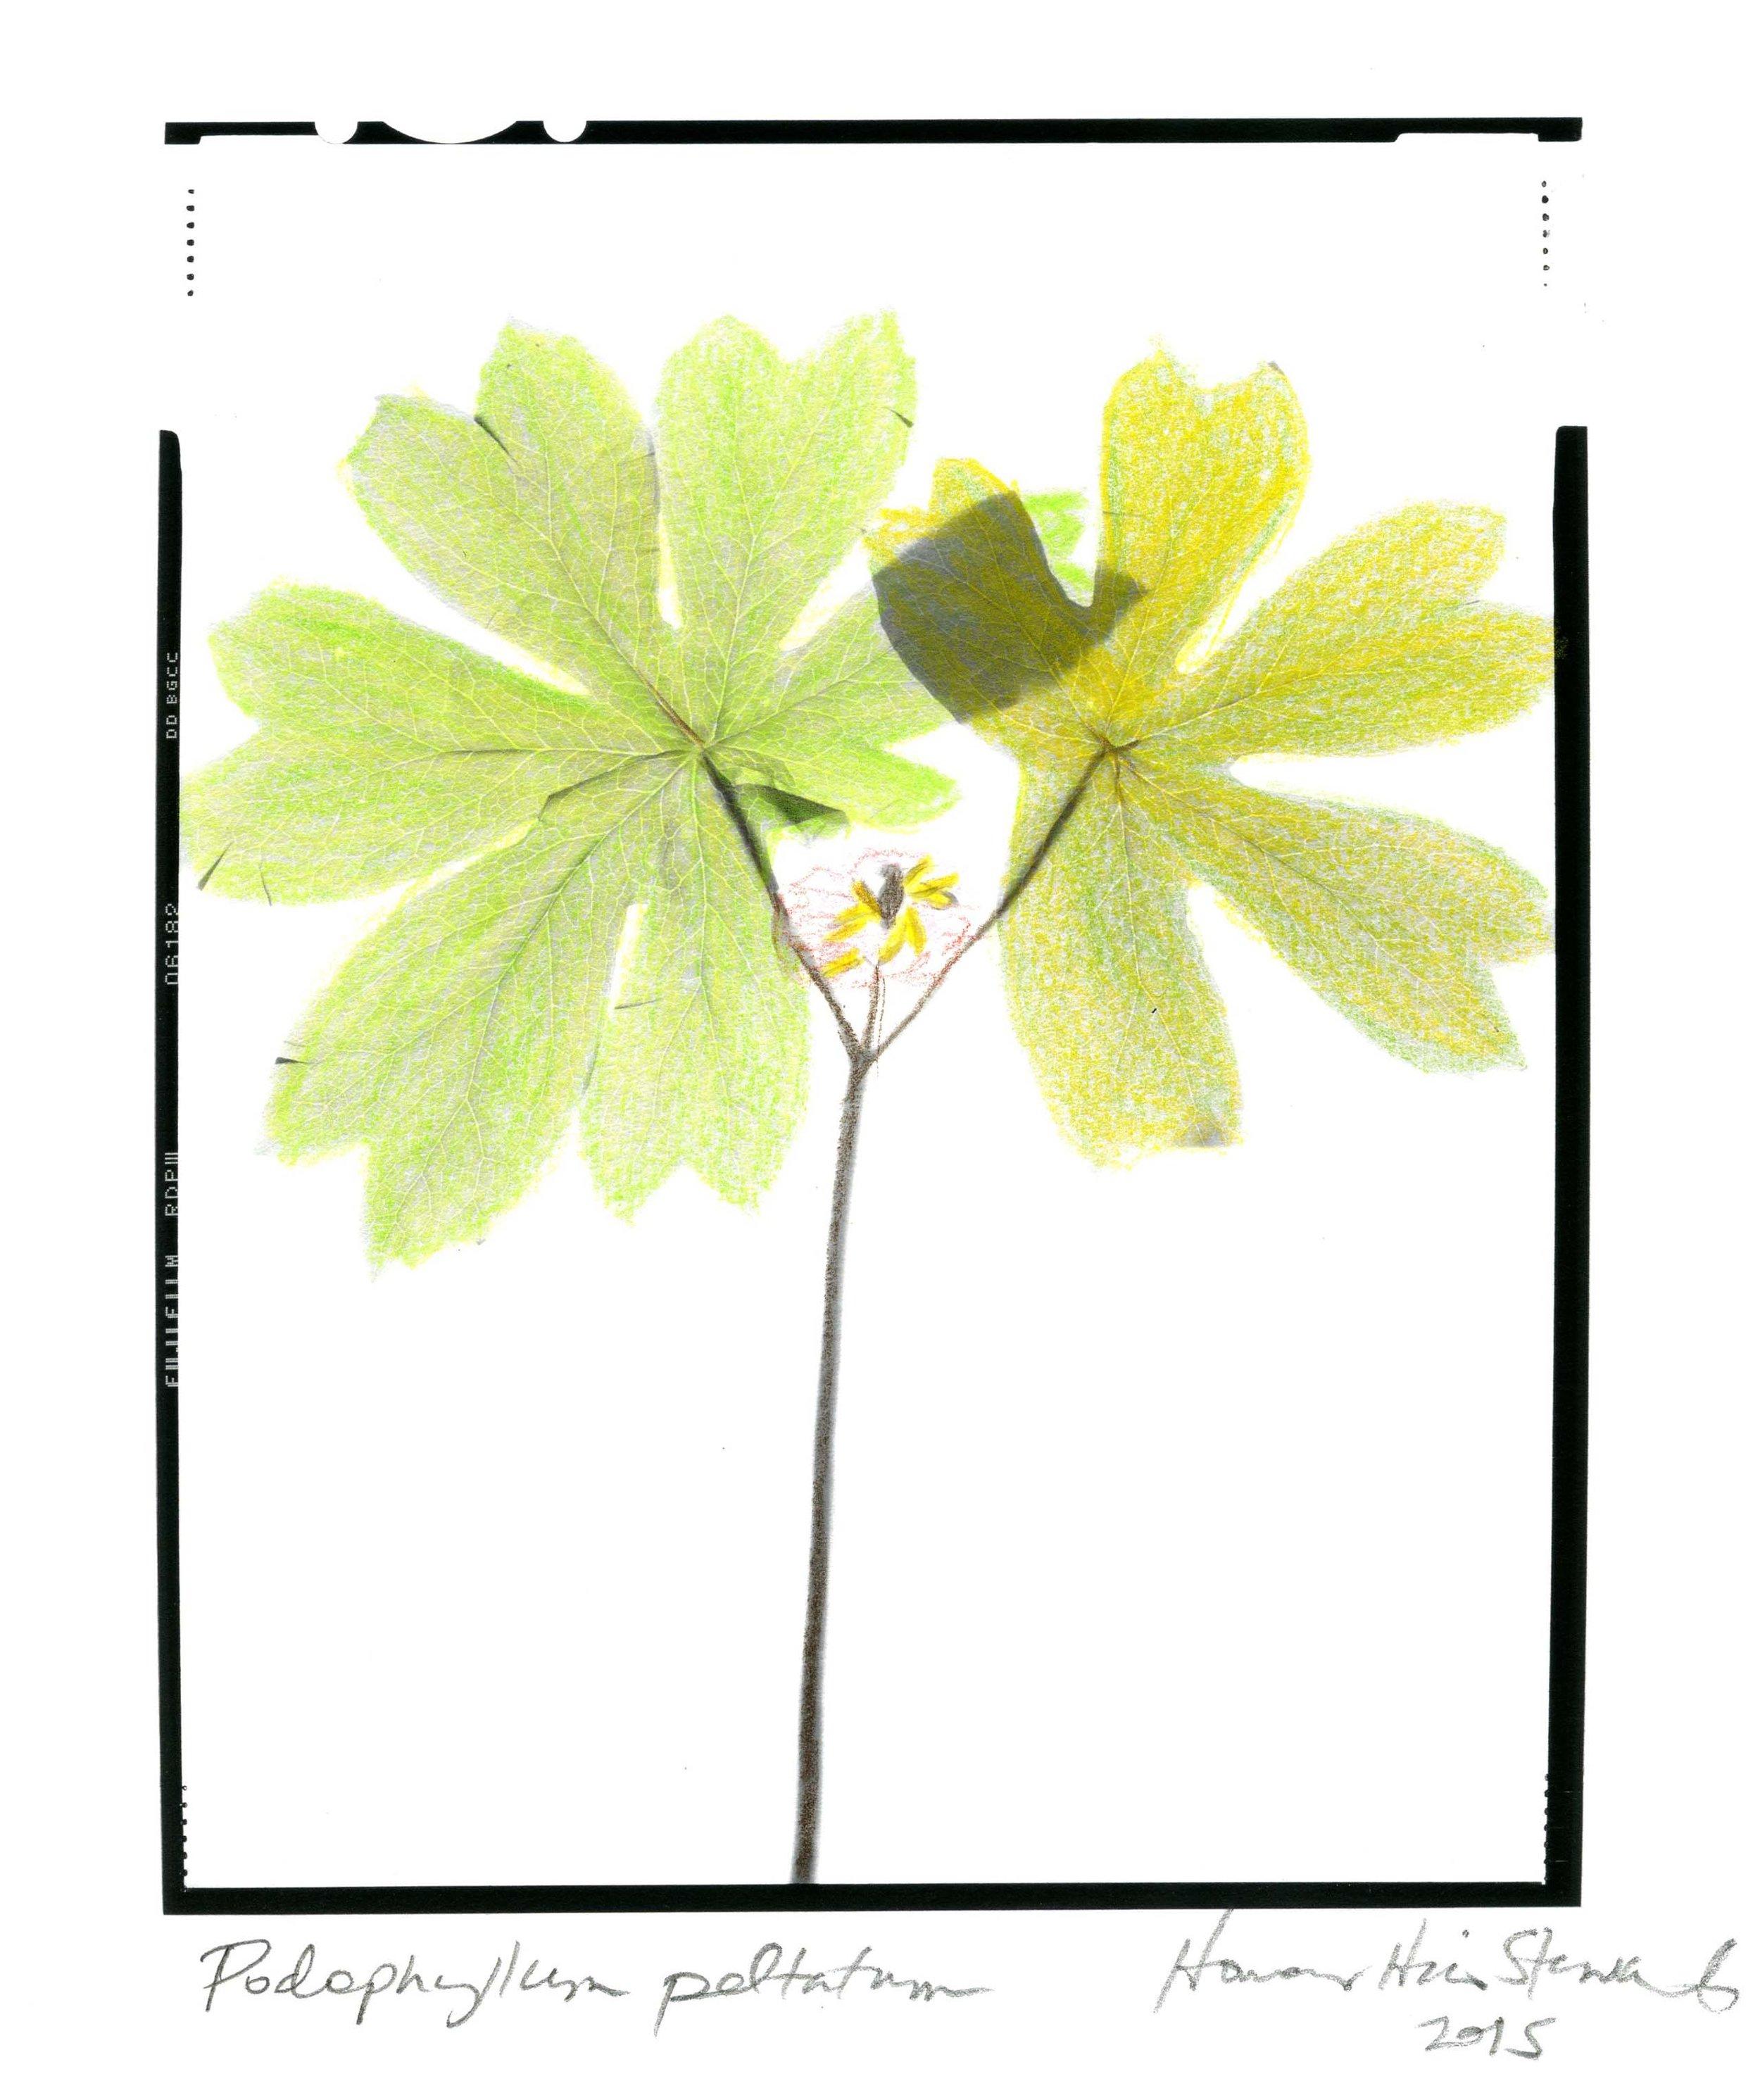 Podophyllum peltatum Honour Stewart 2015036.jpg